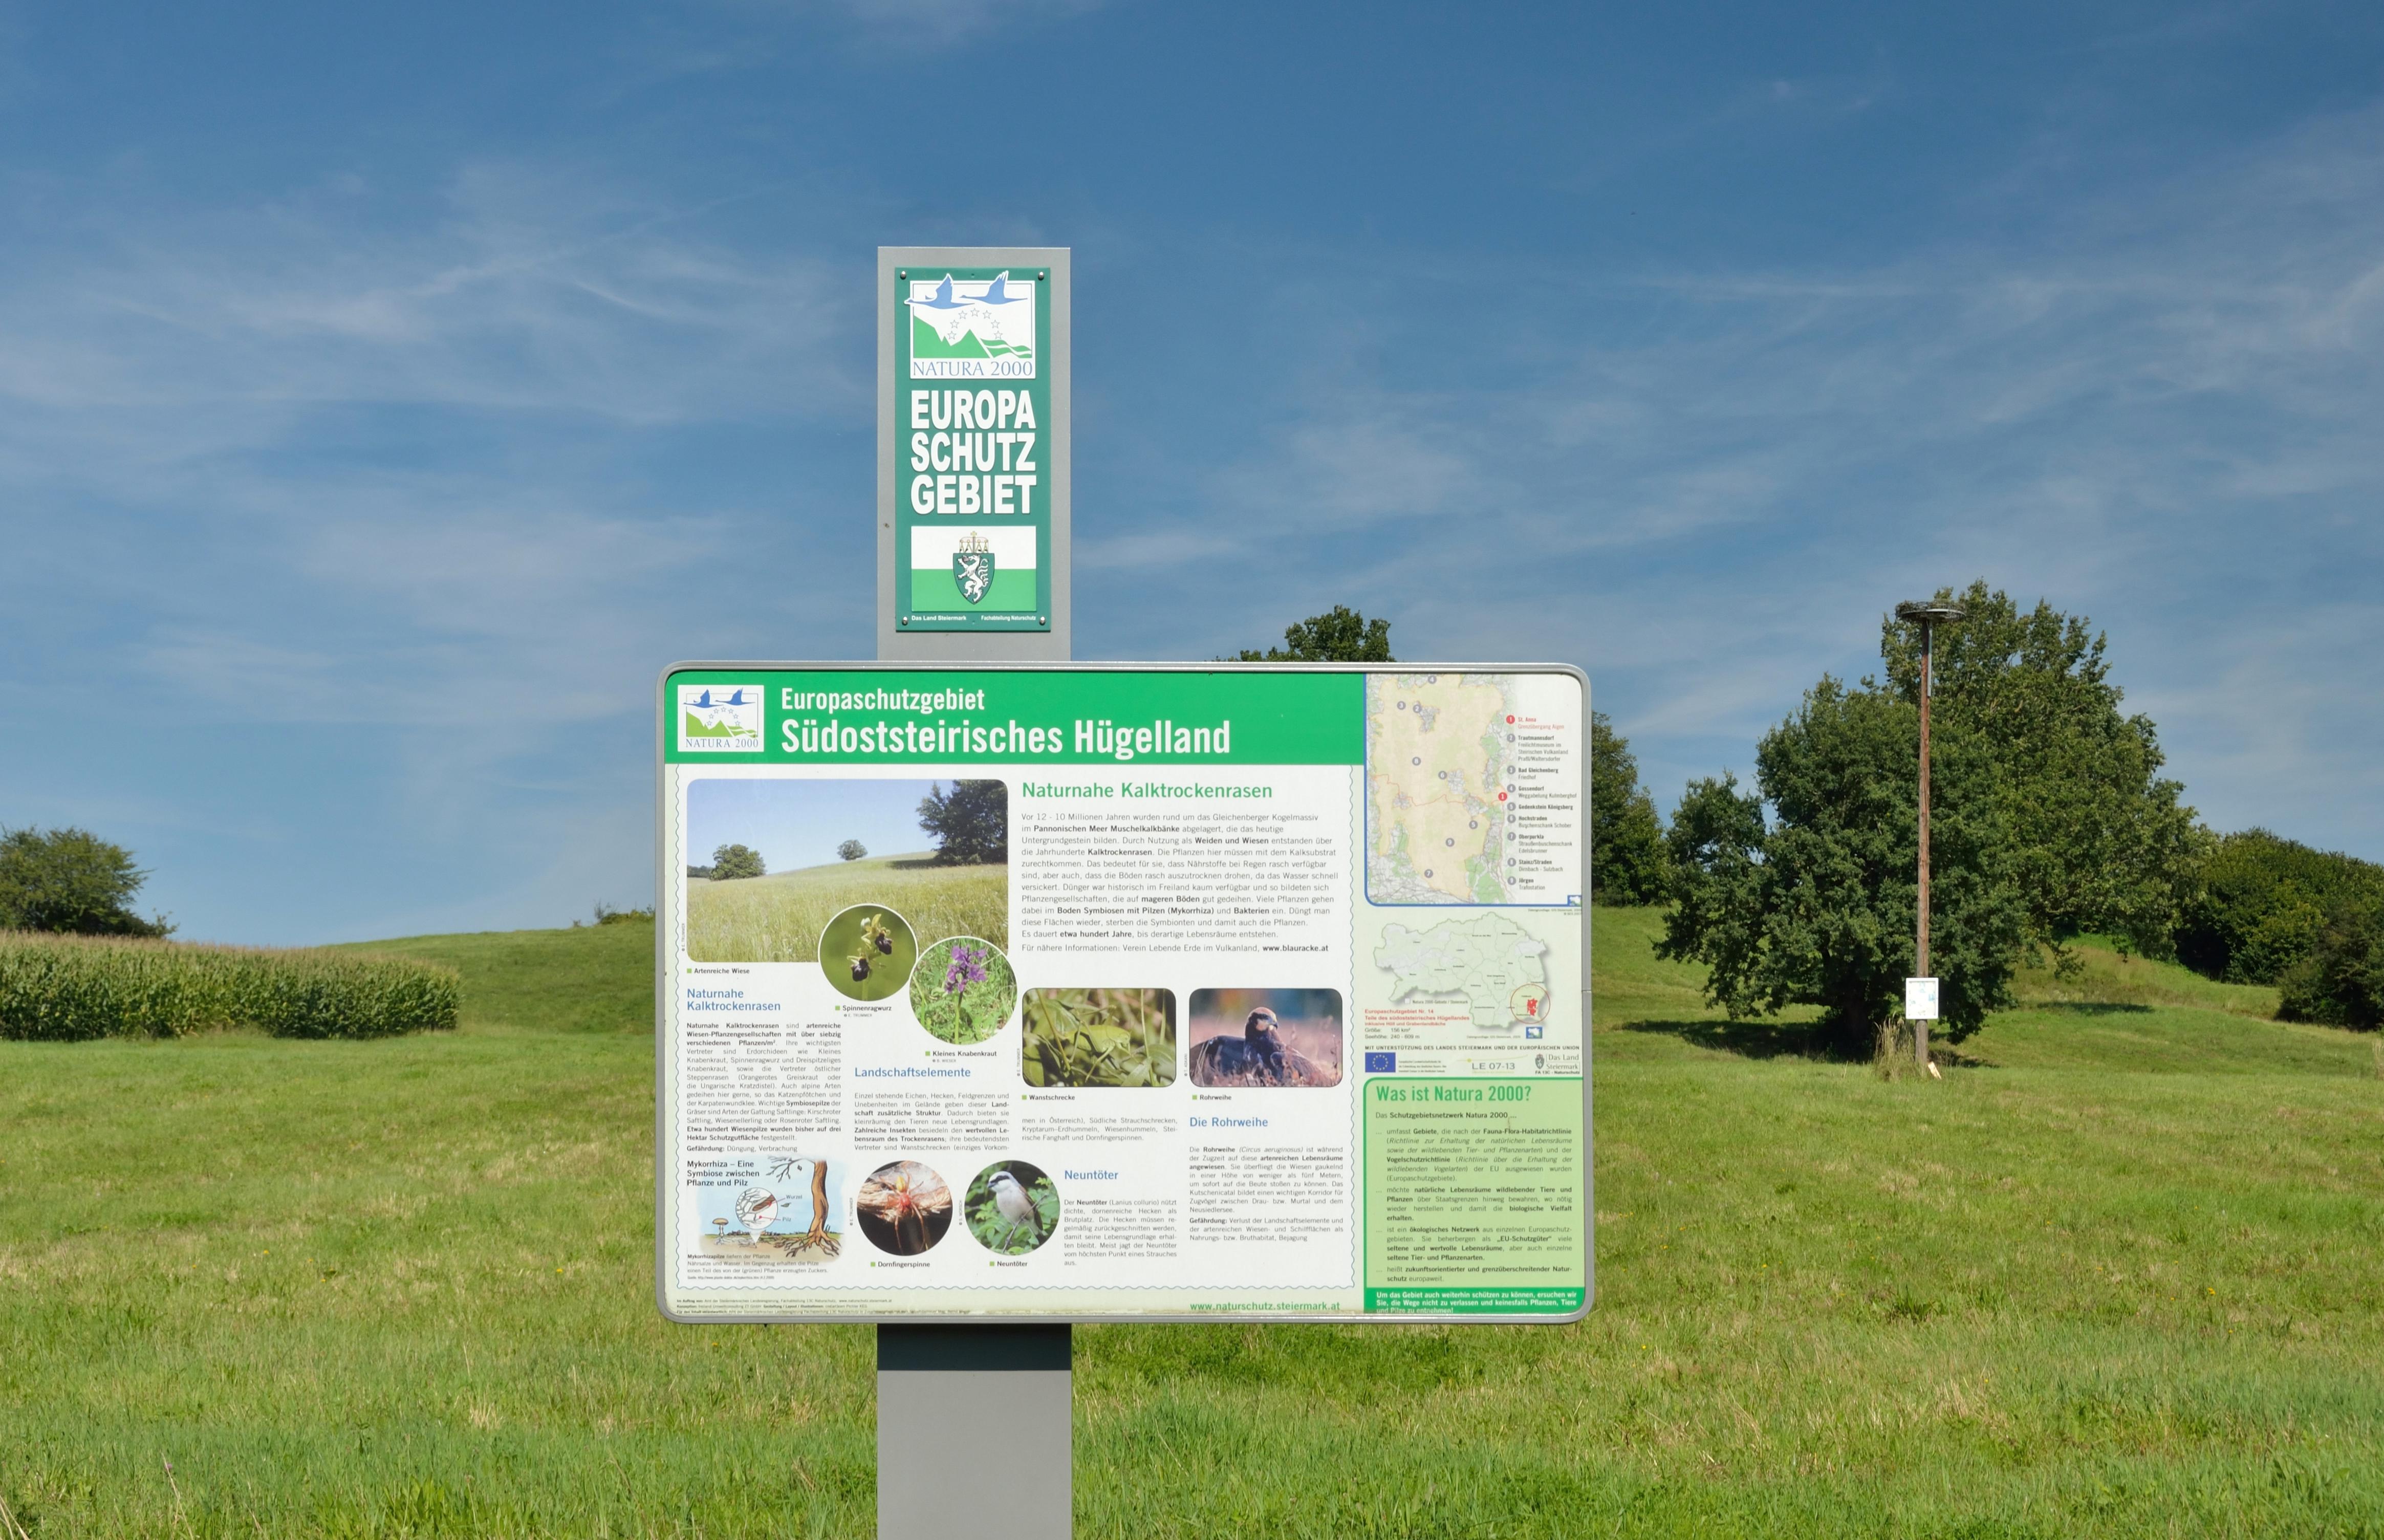 Fileesg Südoststeirisches Hügelland Sign In St Anna Am Aigenjpg